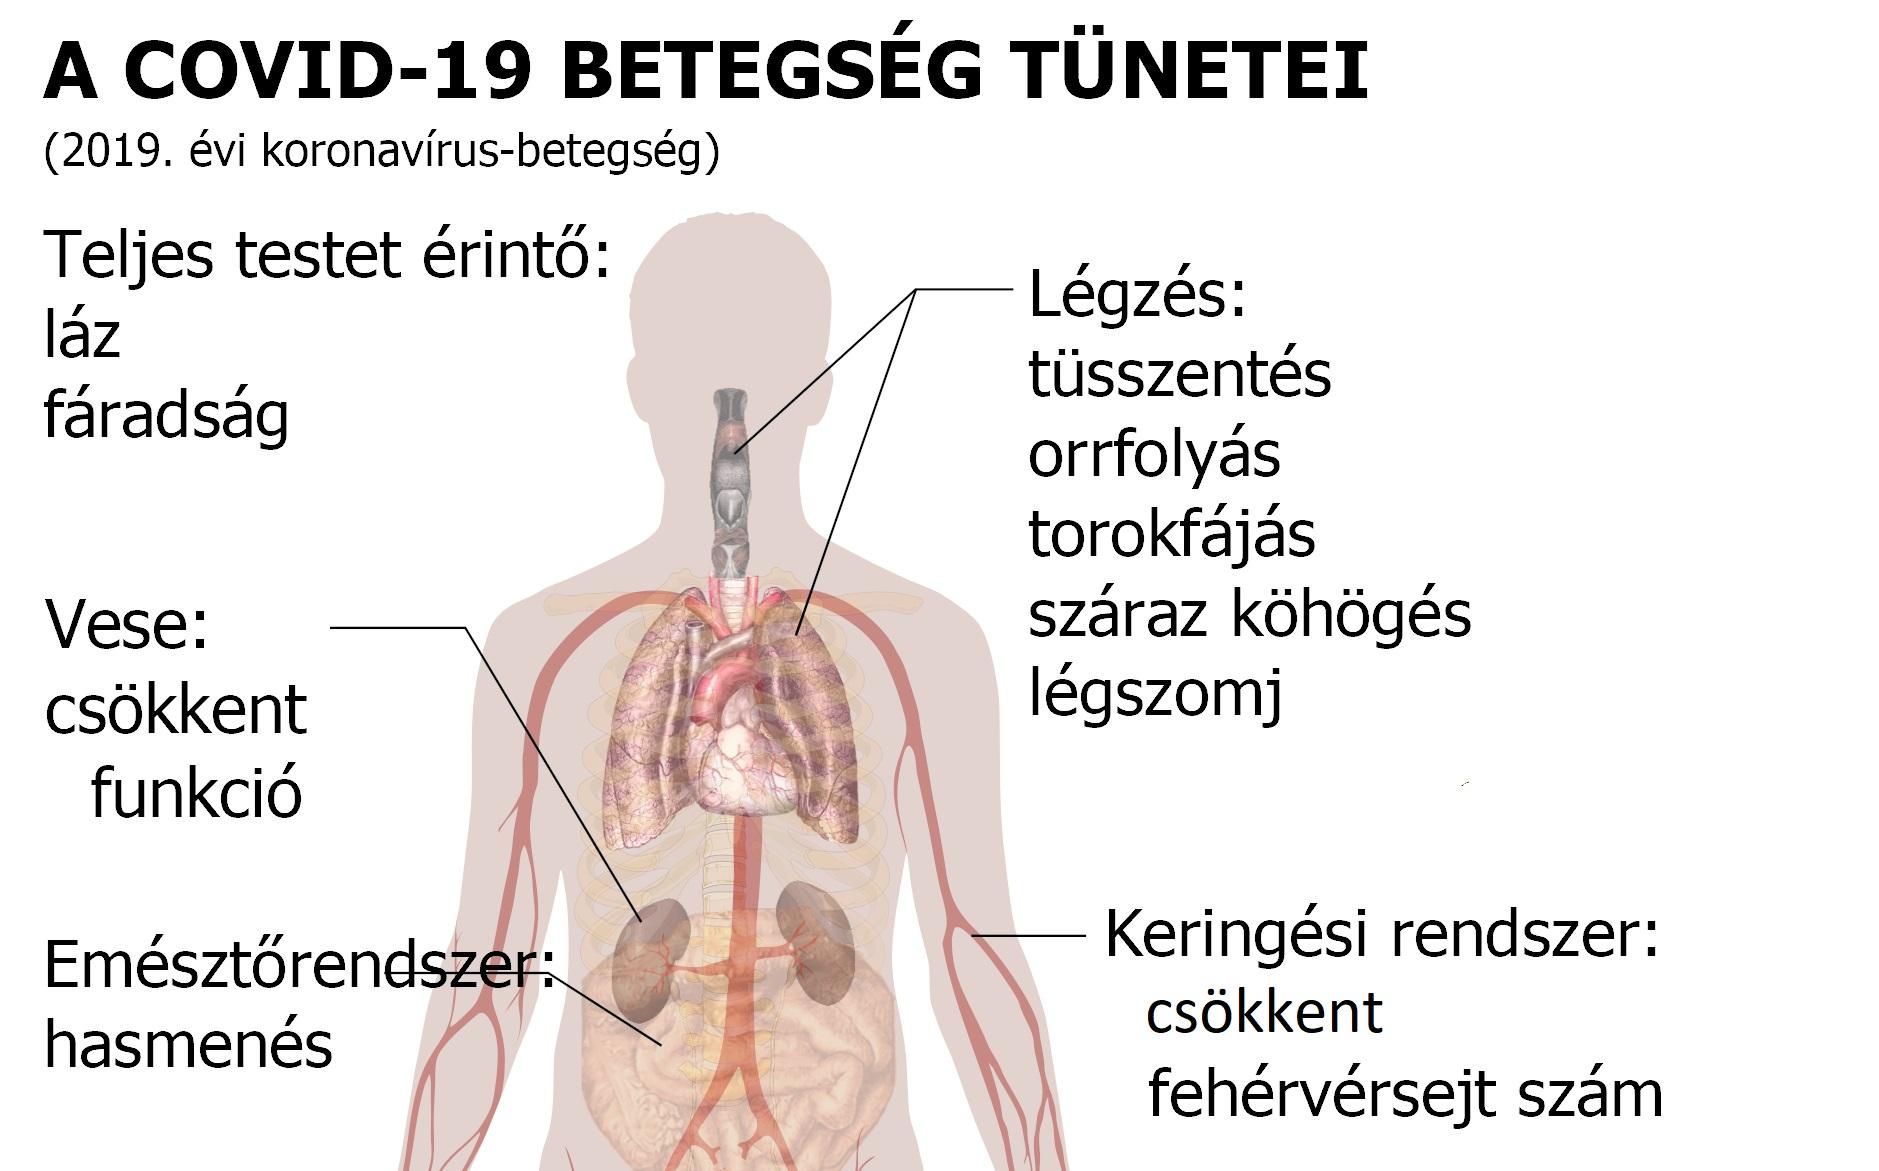 parazita az emberi test tüneteiben és kezelésében